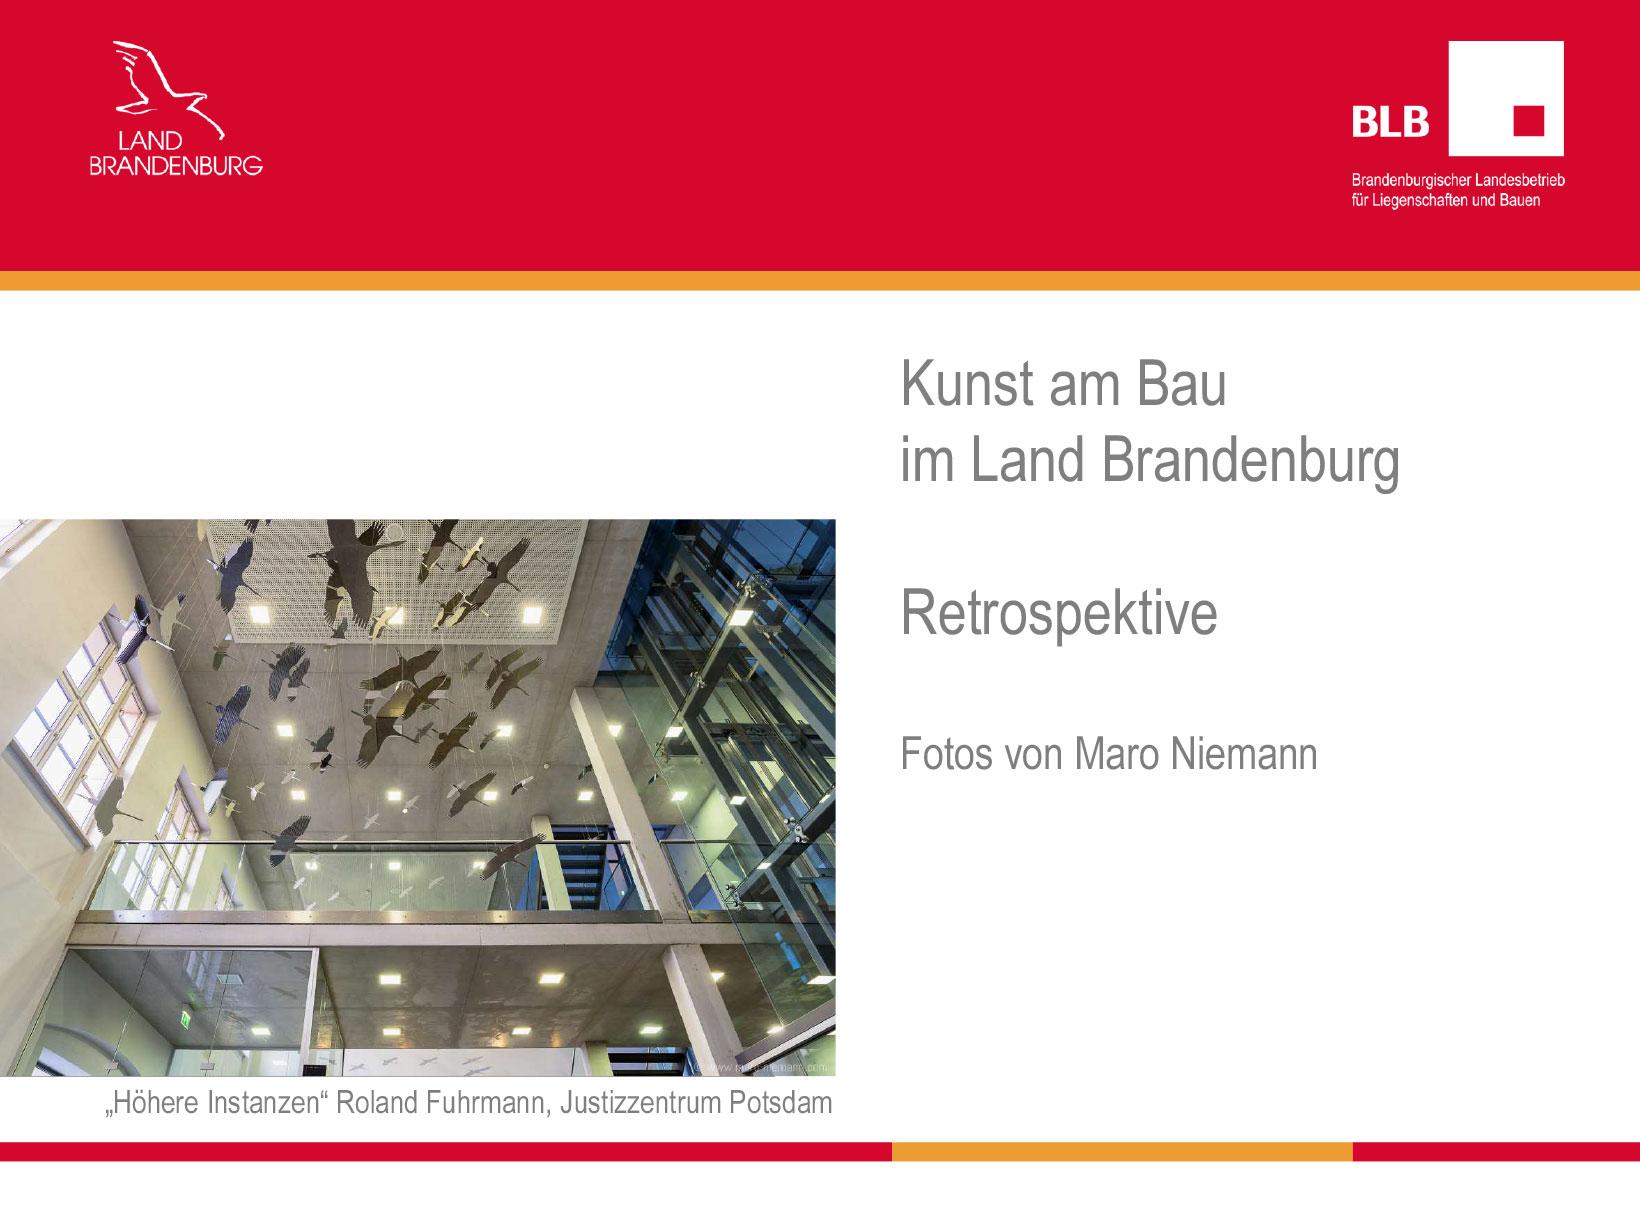 Brandenburgischer Landesbetrieb für Liegenschaften und Bauen